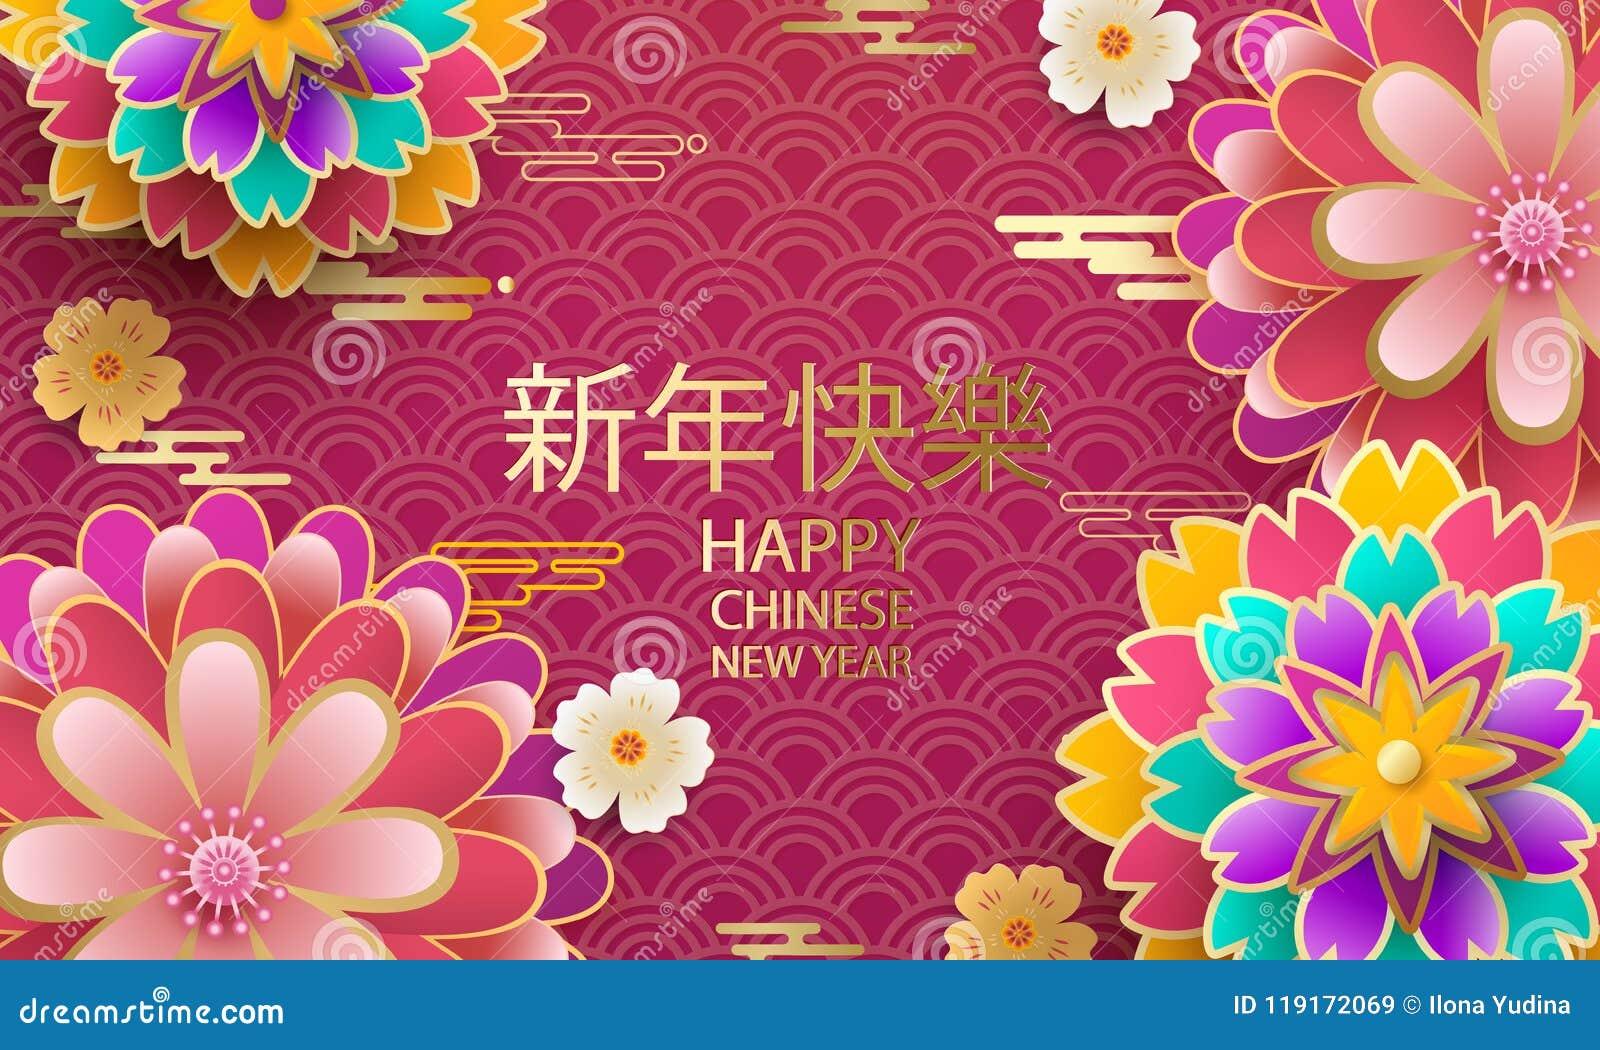 Lyckligt nytt år 2019 kinesiskt för hälsningkort för nytt år design, affisch-, reklamblad- eller inbjudanmed papper klippte Sakur